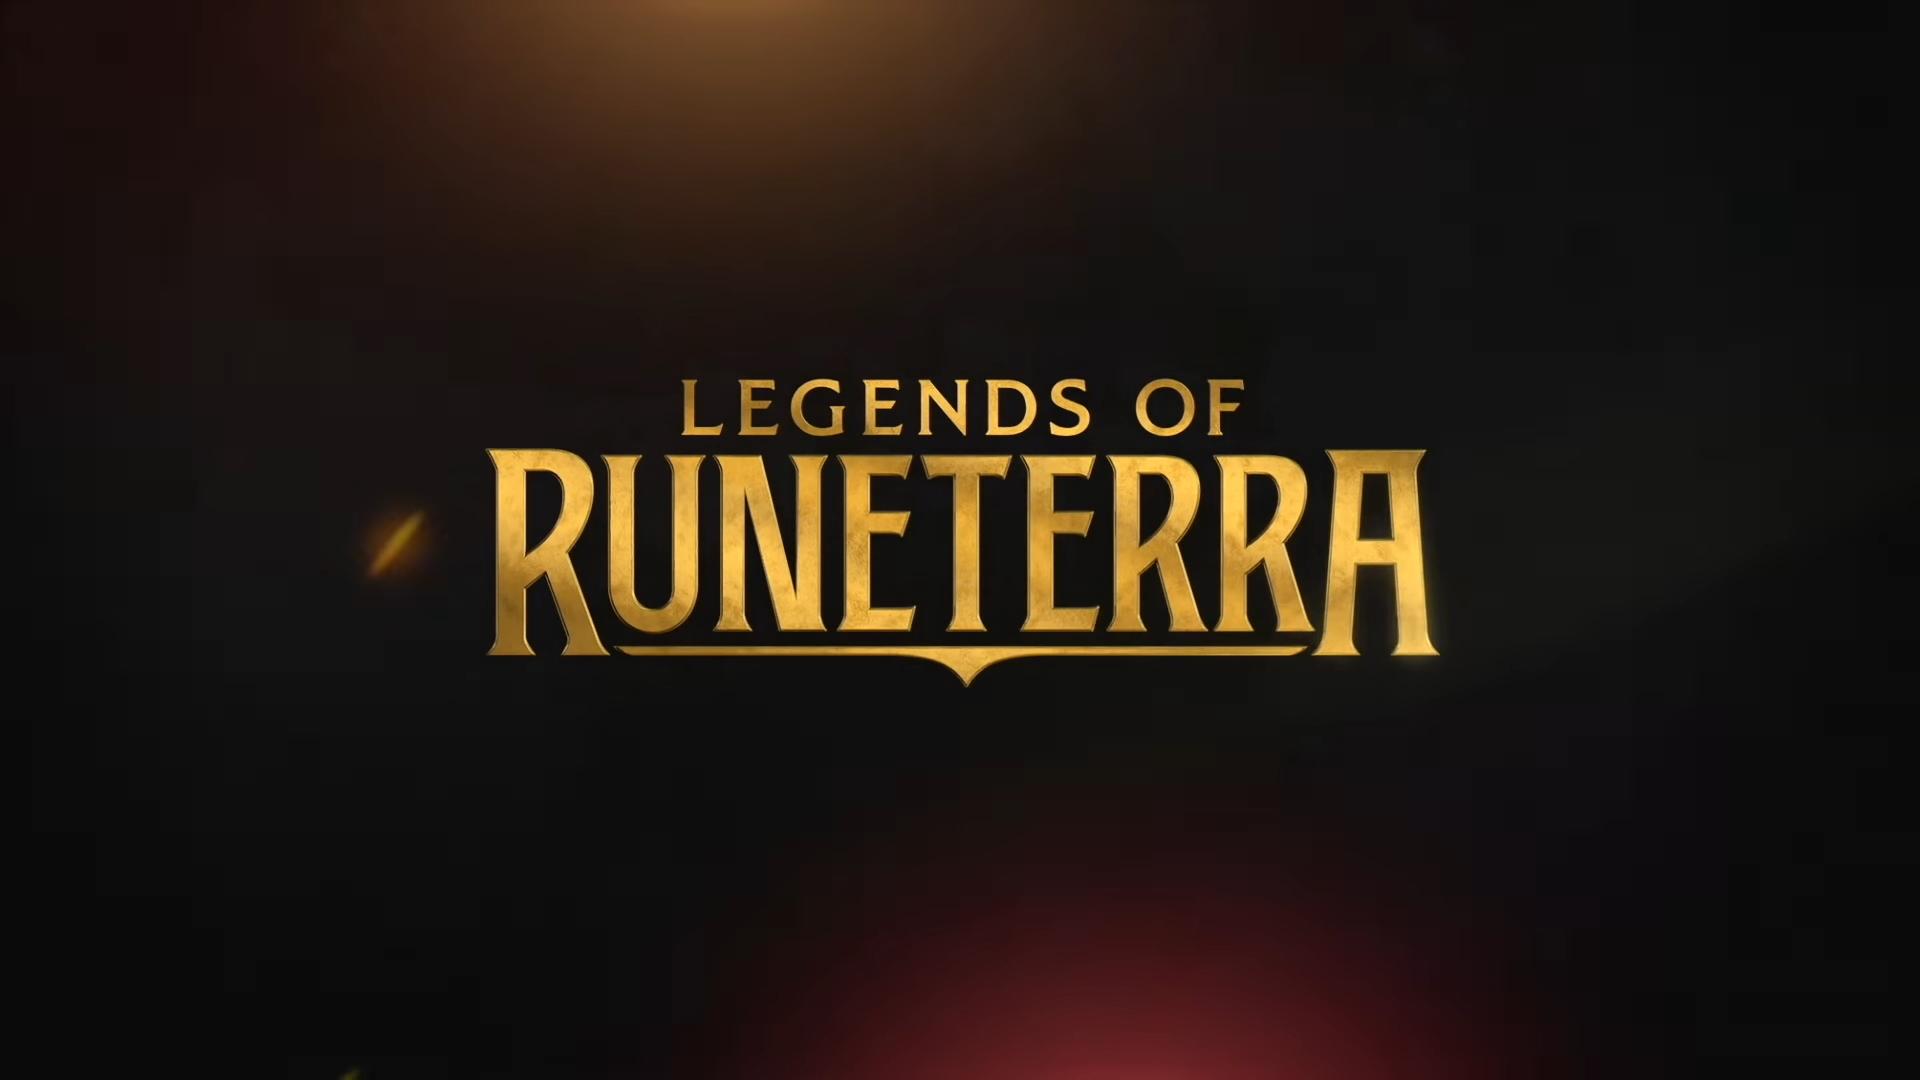 Annunciata la data dell'Open Beta su PC di Legends of Runeterra